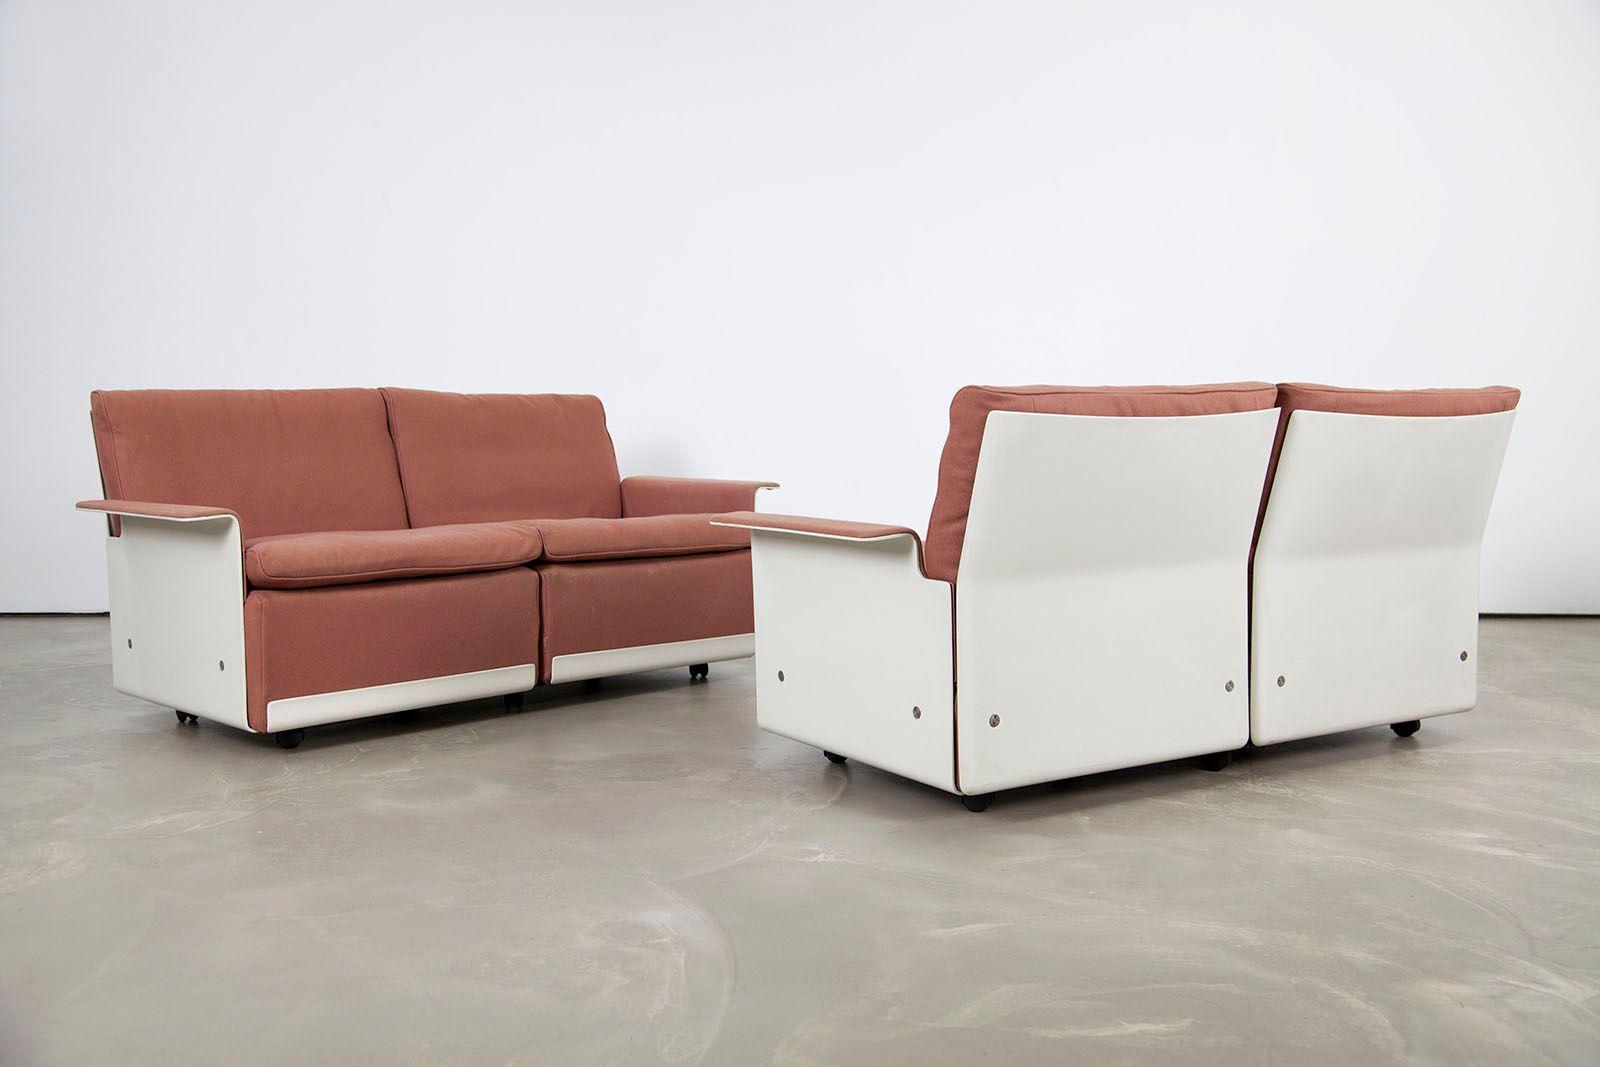 canap deux places mod le rz 620 mid century par dieter. Black Bedroom Furniture Sets. Home Design Ideas